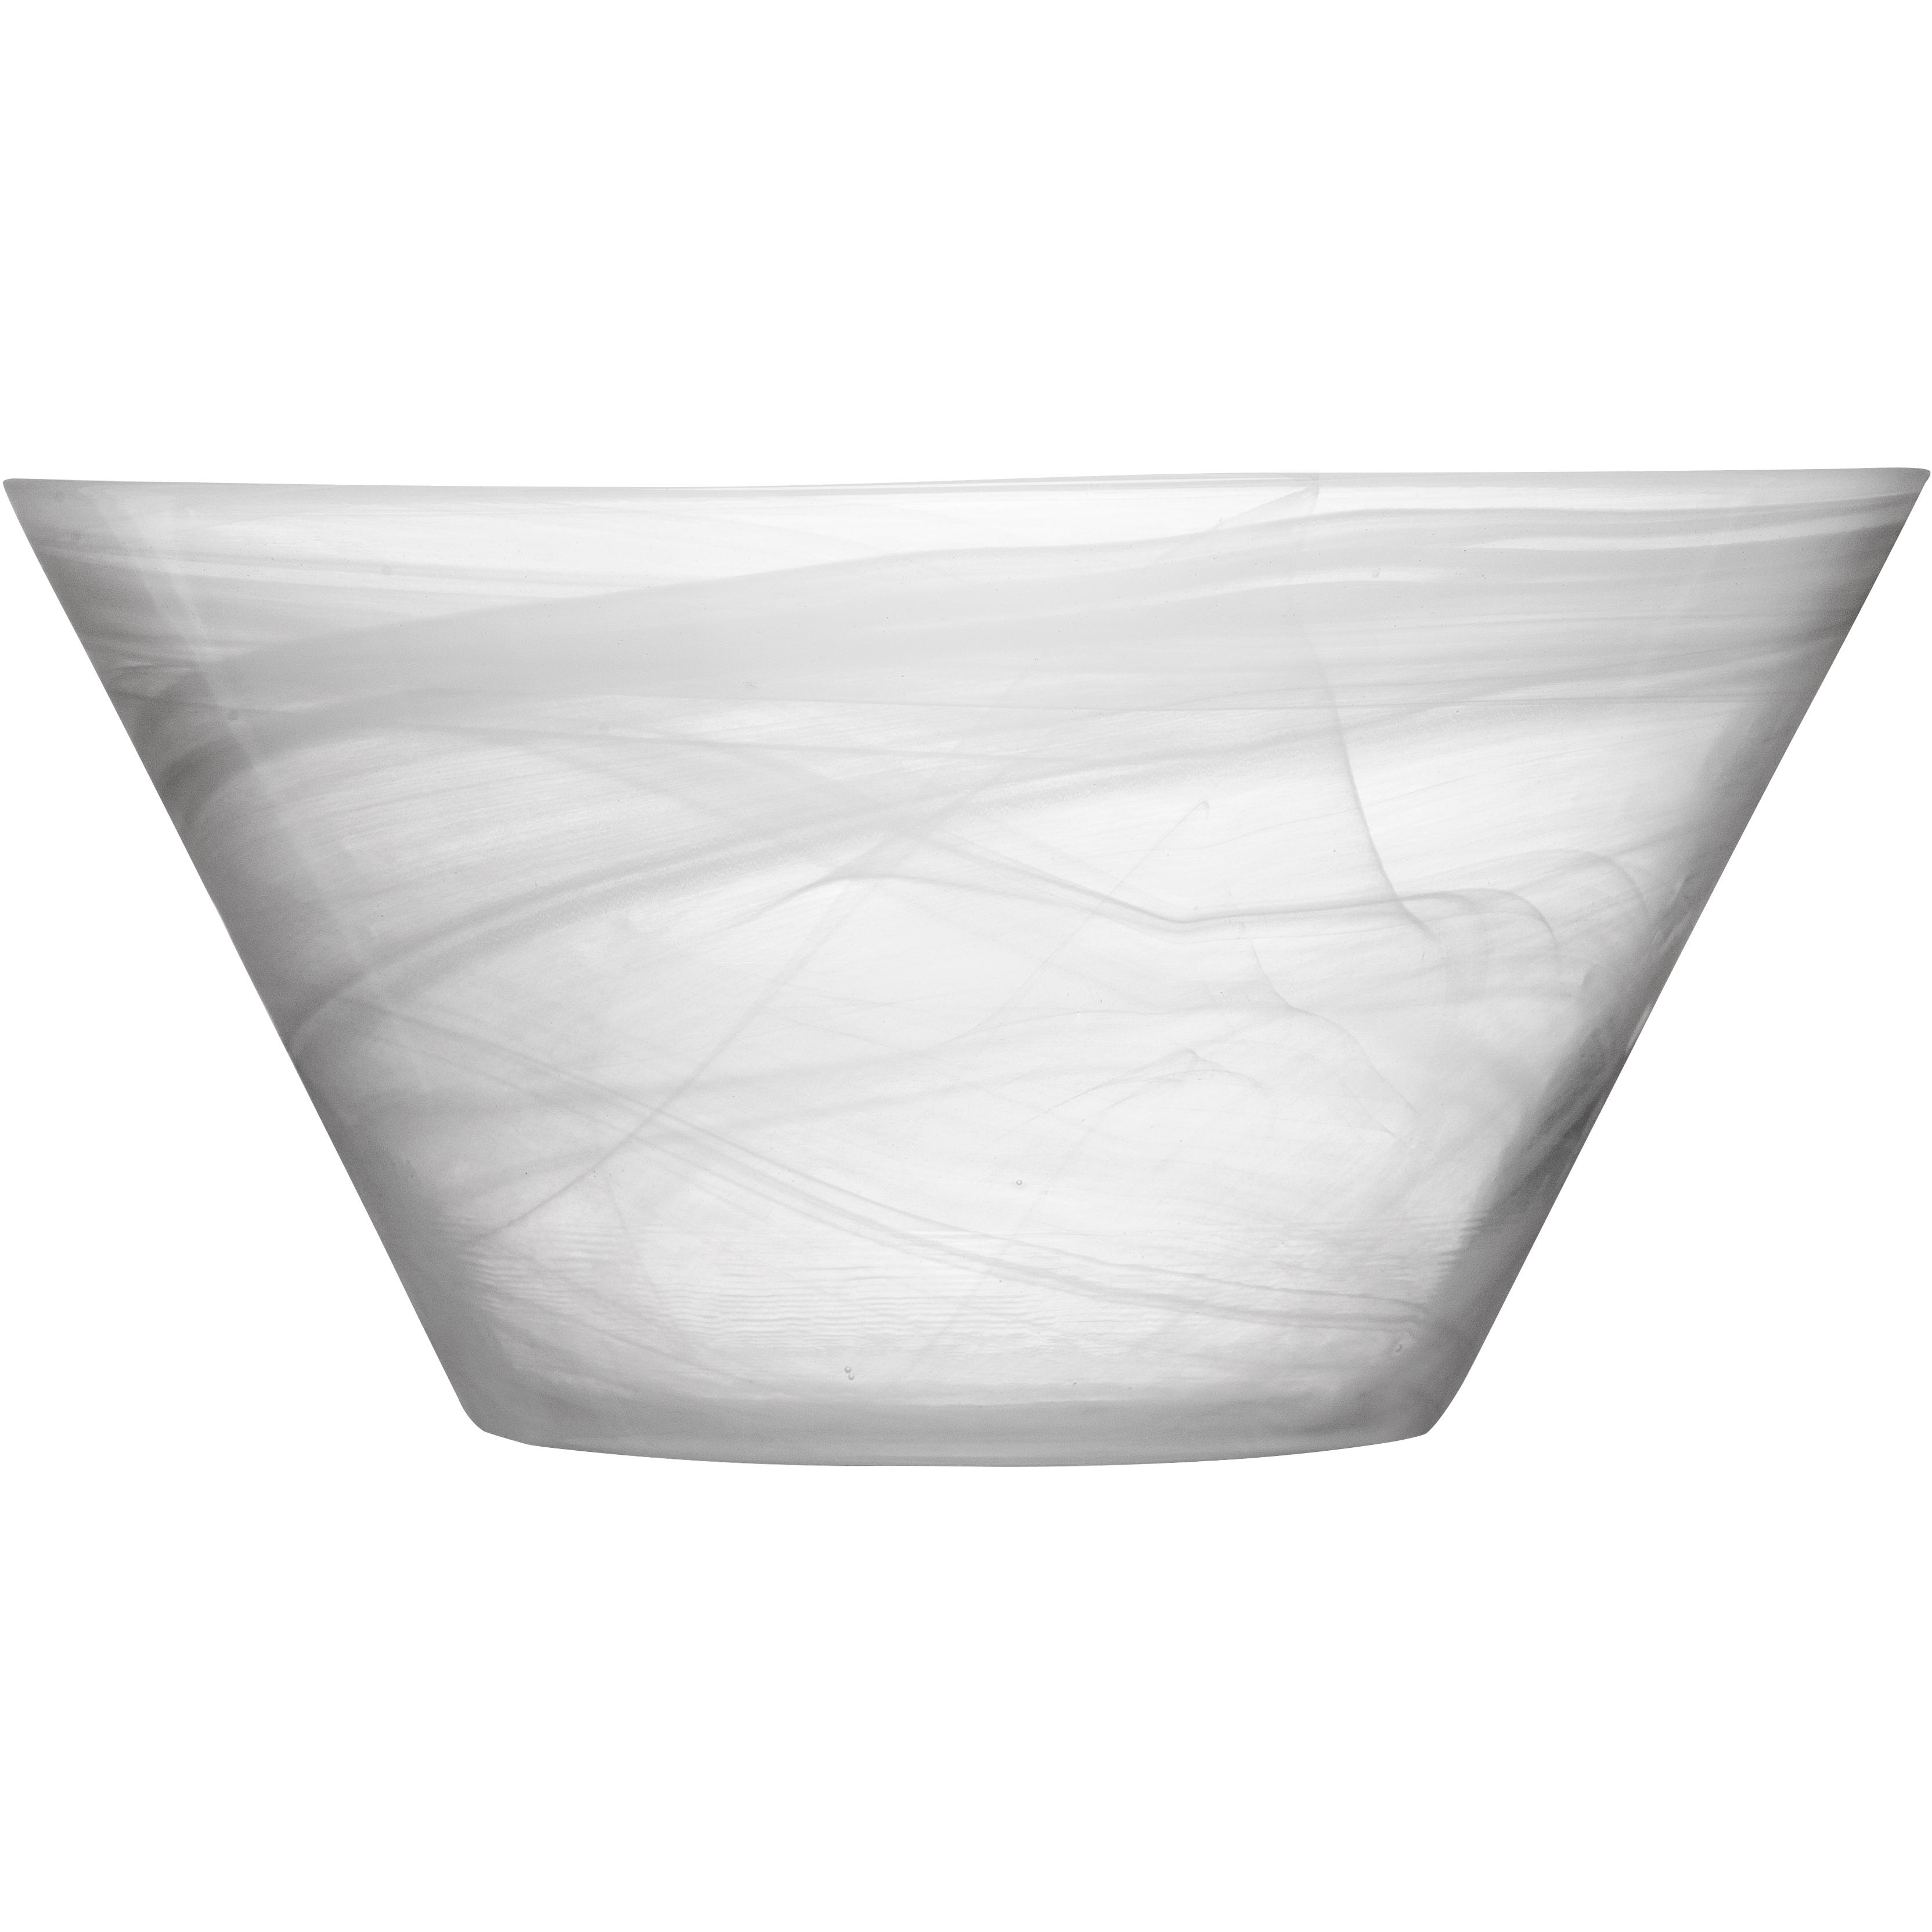 SEAglasbruk Black and White White Glass Serving Bowl